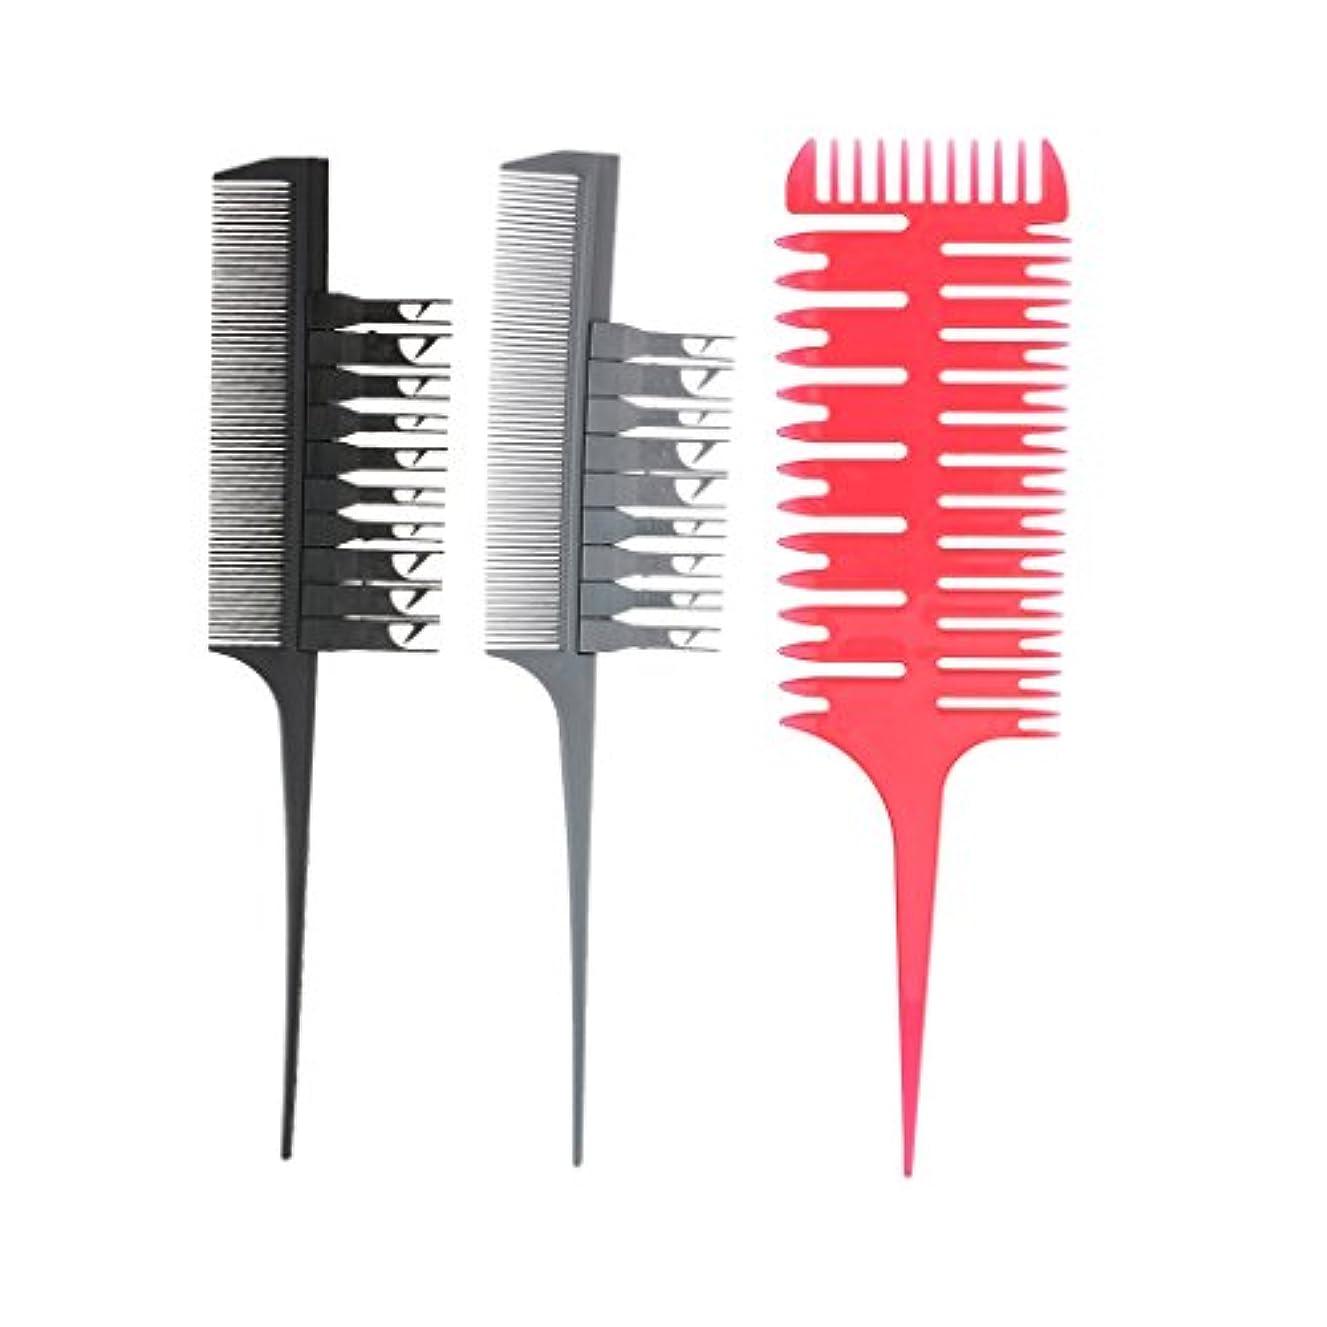 コミットメント君主制証拠Generic 3ピースプロフェッショナル理髪セクショニング織りハイライトカラーリングサロン染色バレヤージュヘアコームツールセット付き交換可能ピックアップフック